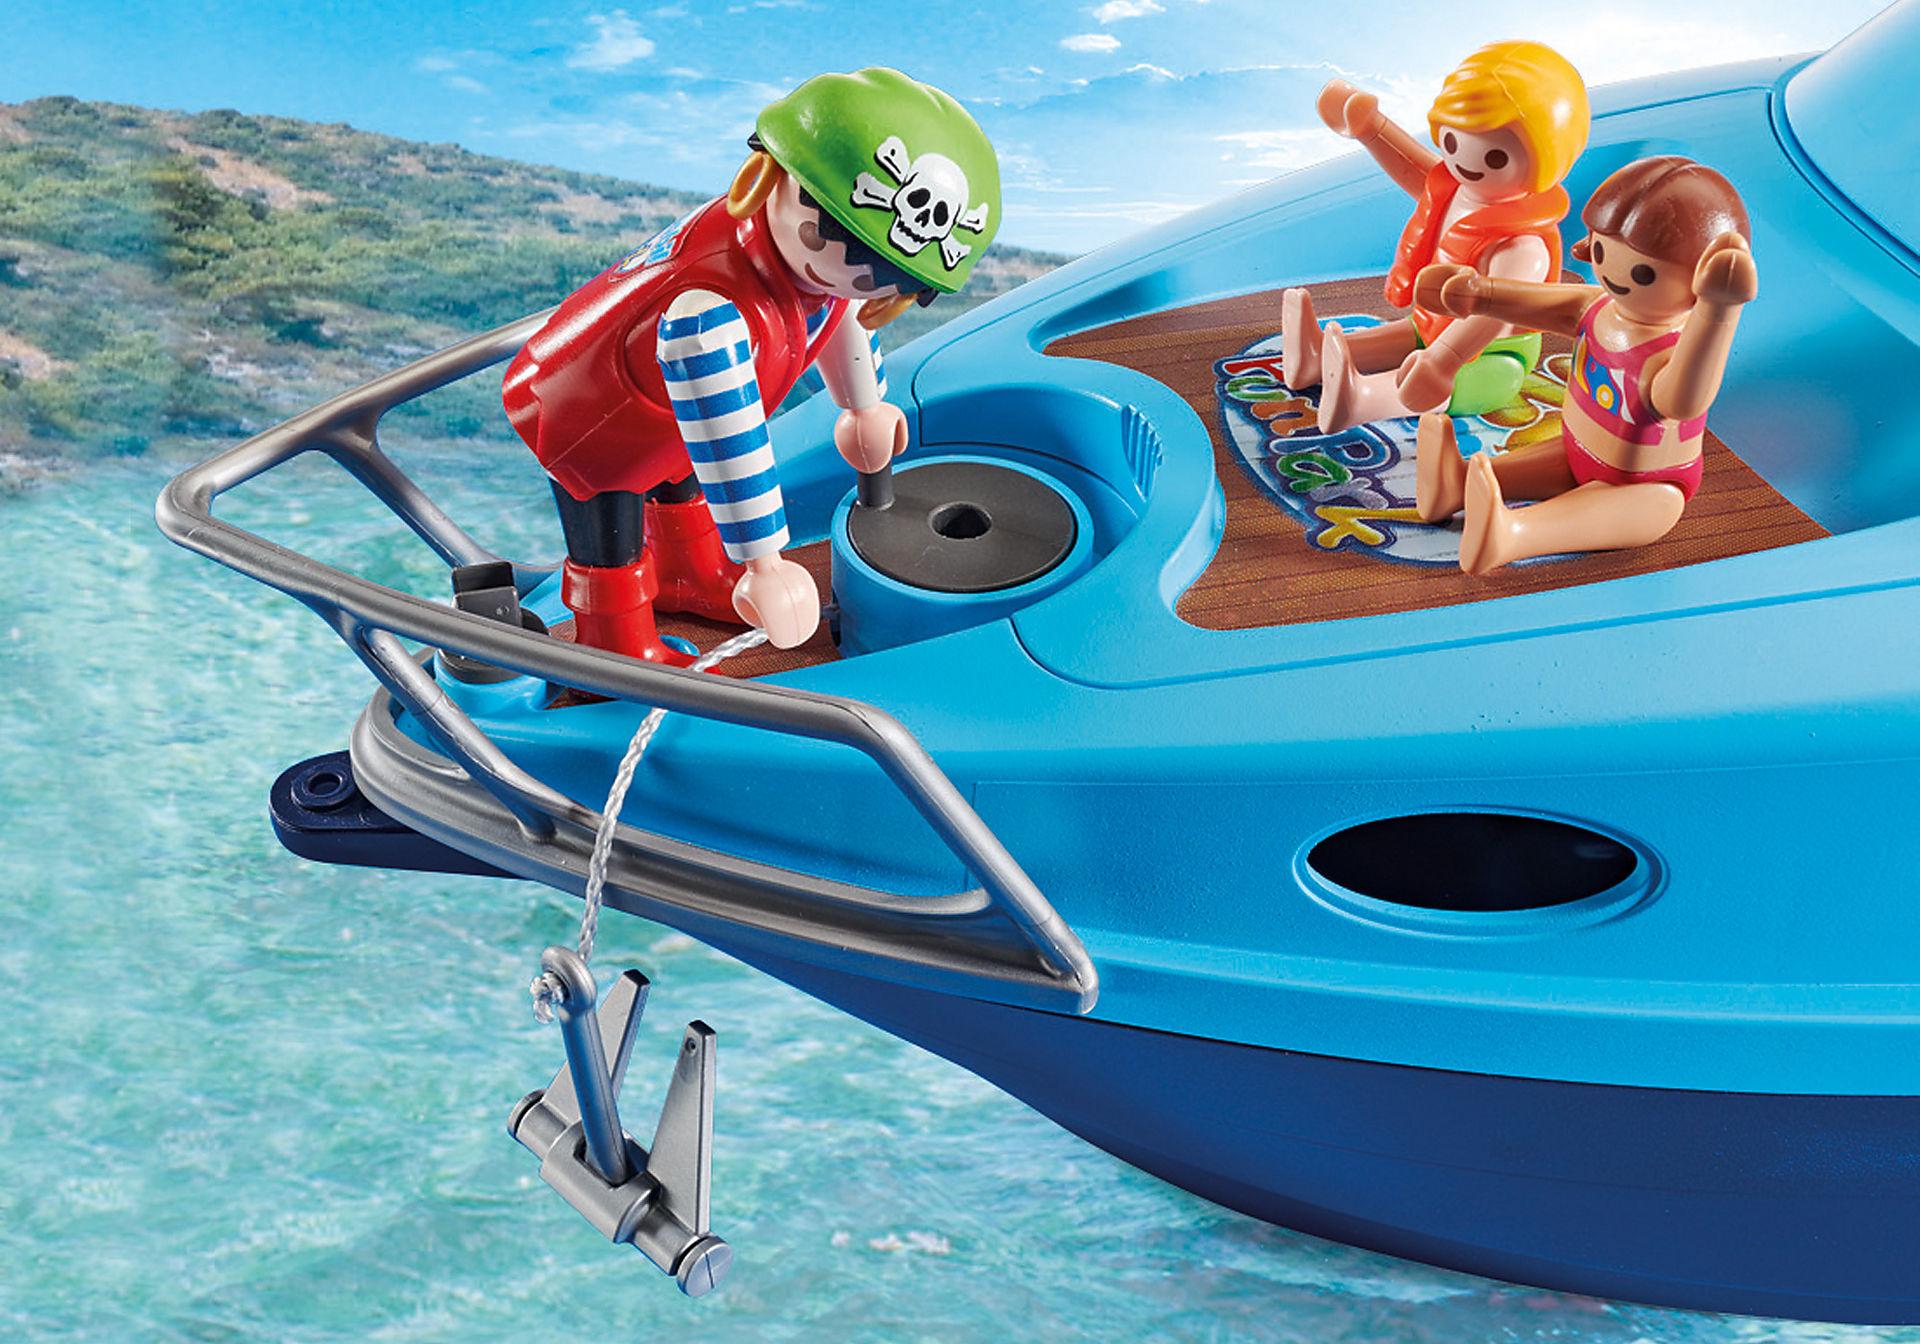 70630 PLAYMOBIL - Funpark jacht met waterscooter zoom image5